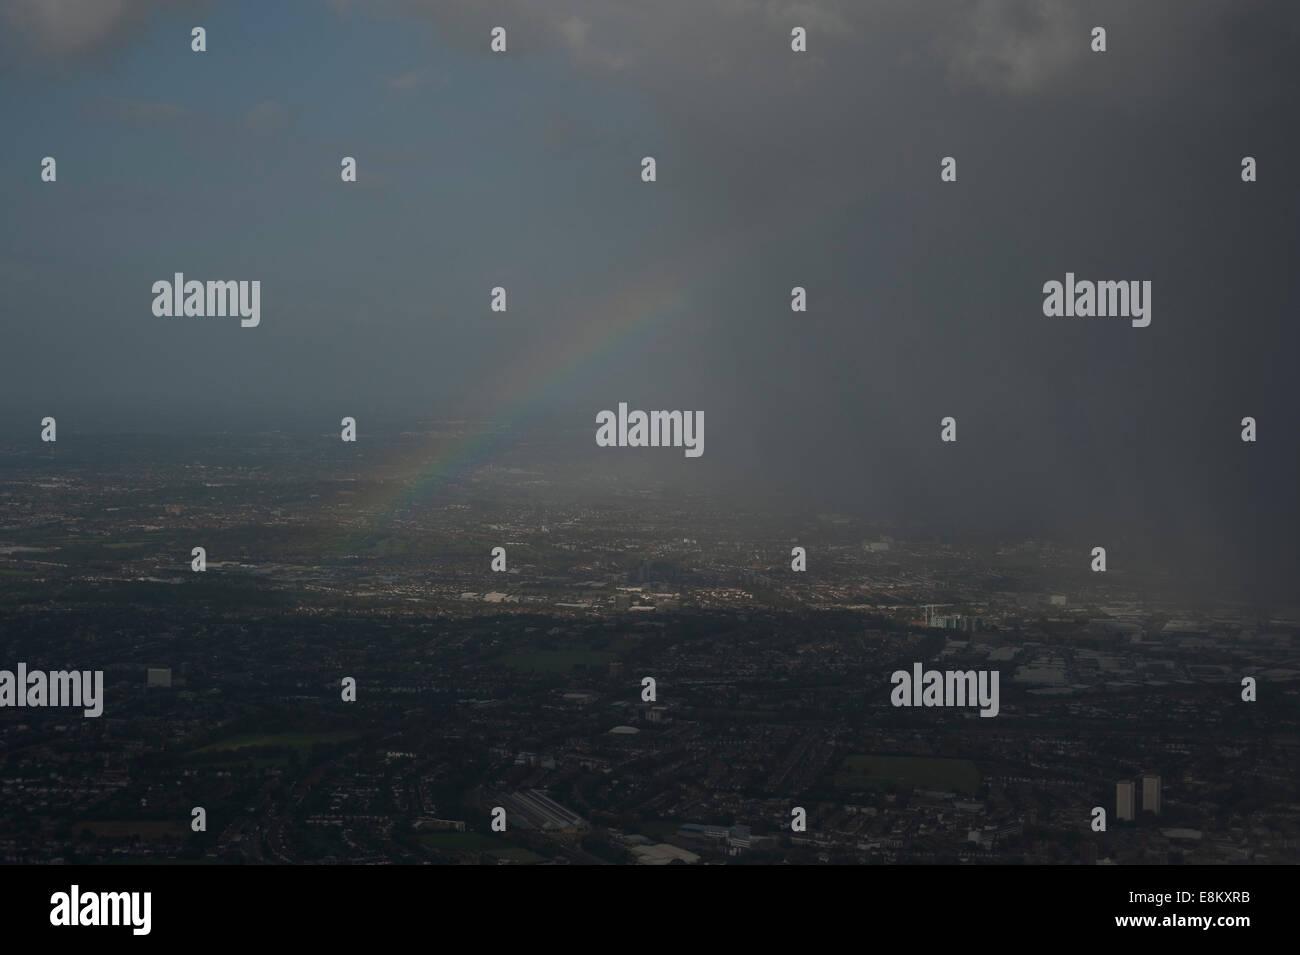 Londres, Angleterre, Royaume-Uni, 09 octobre 2014. Météo France: la pluie et arc-en-ciel au-dessus de Londres. Banque D'Images